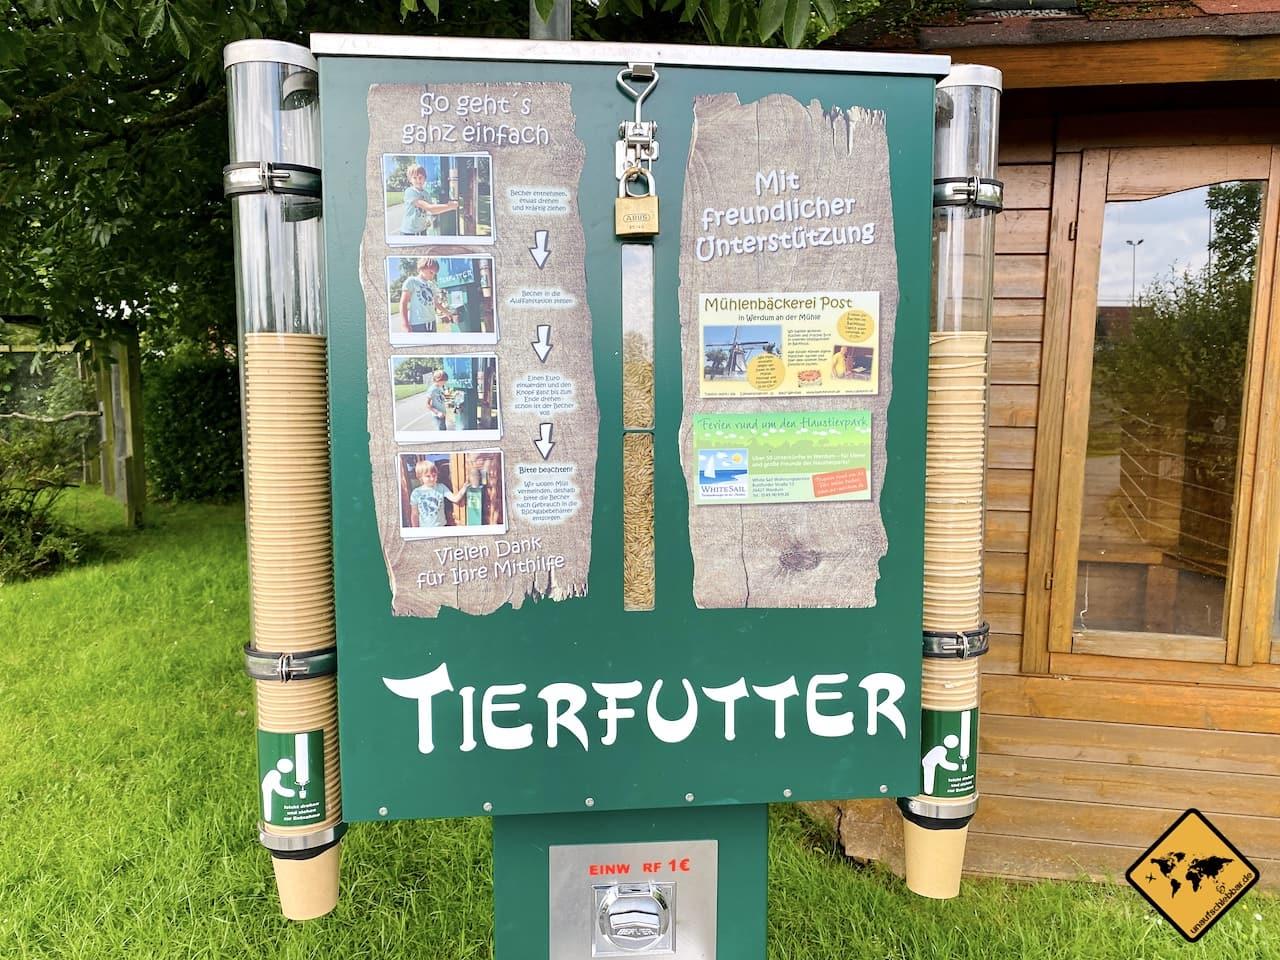 Tierfutter Automat Zoo Werdum